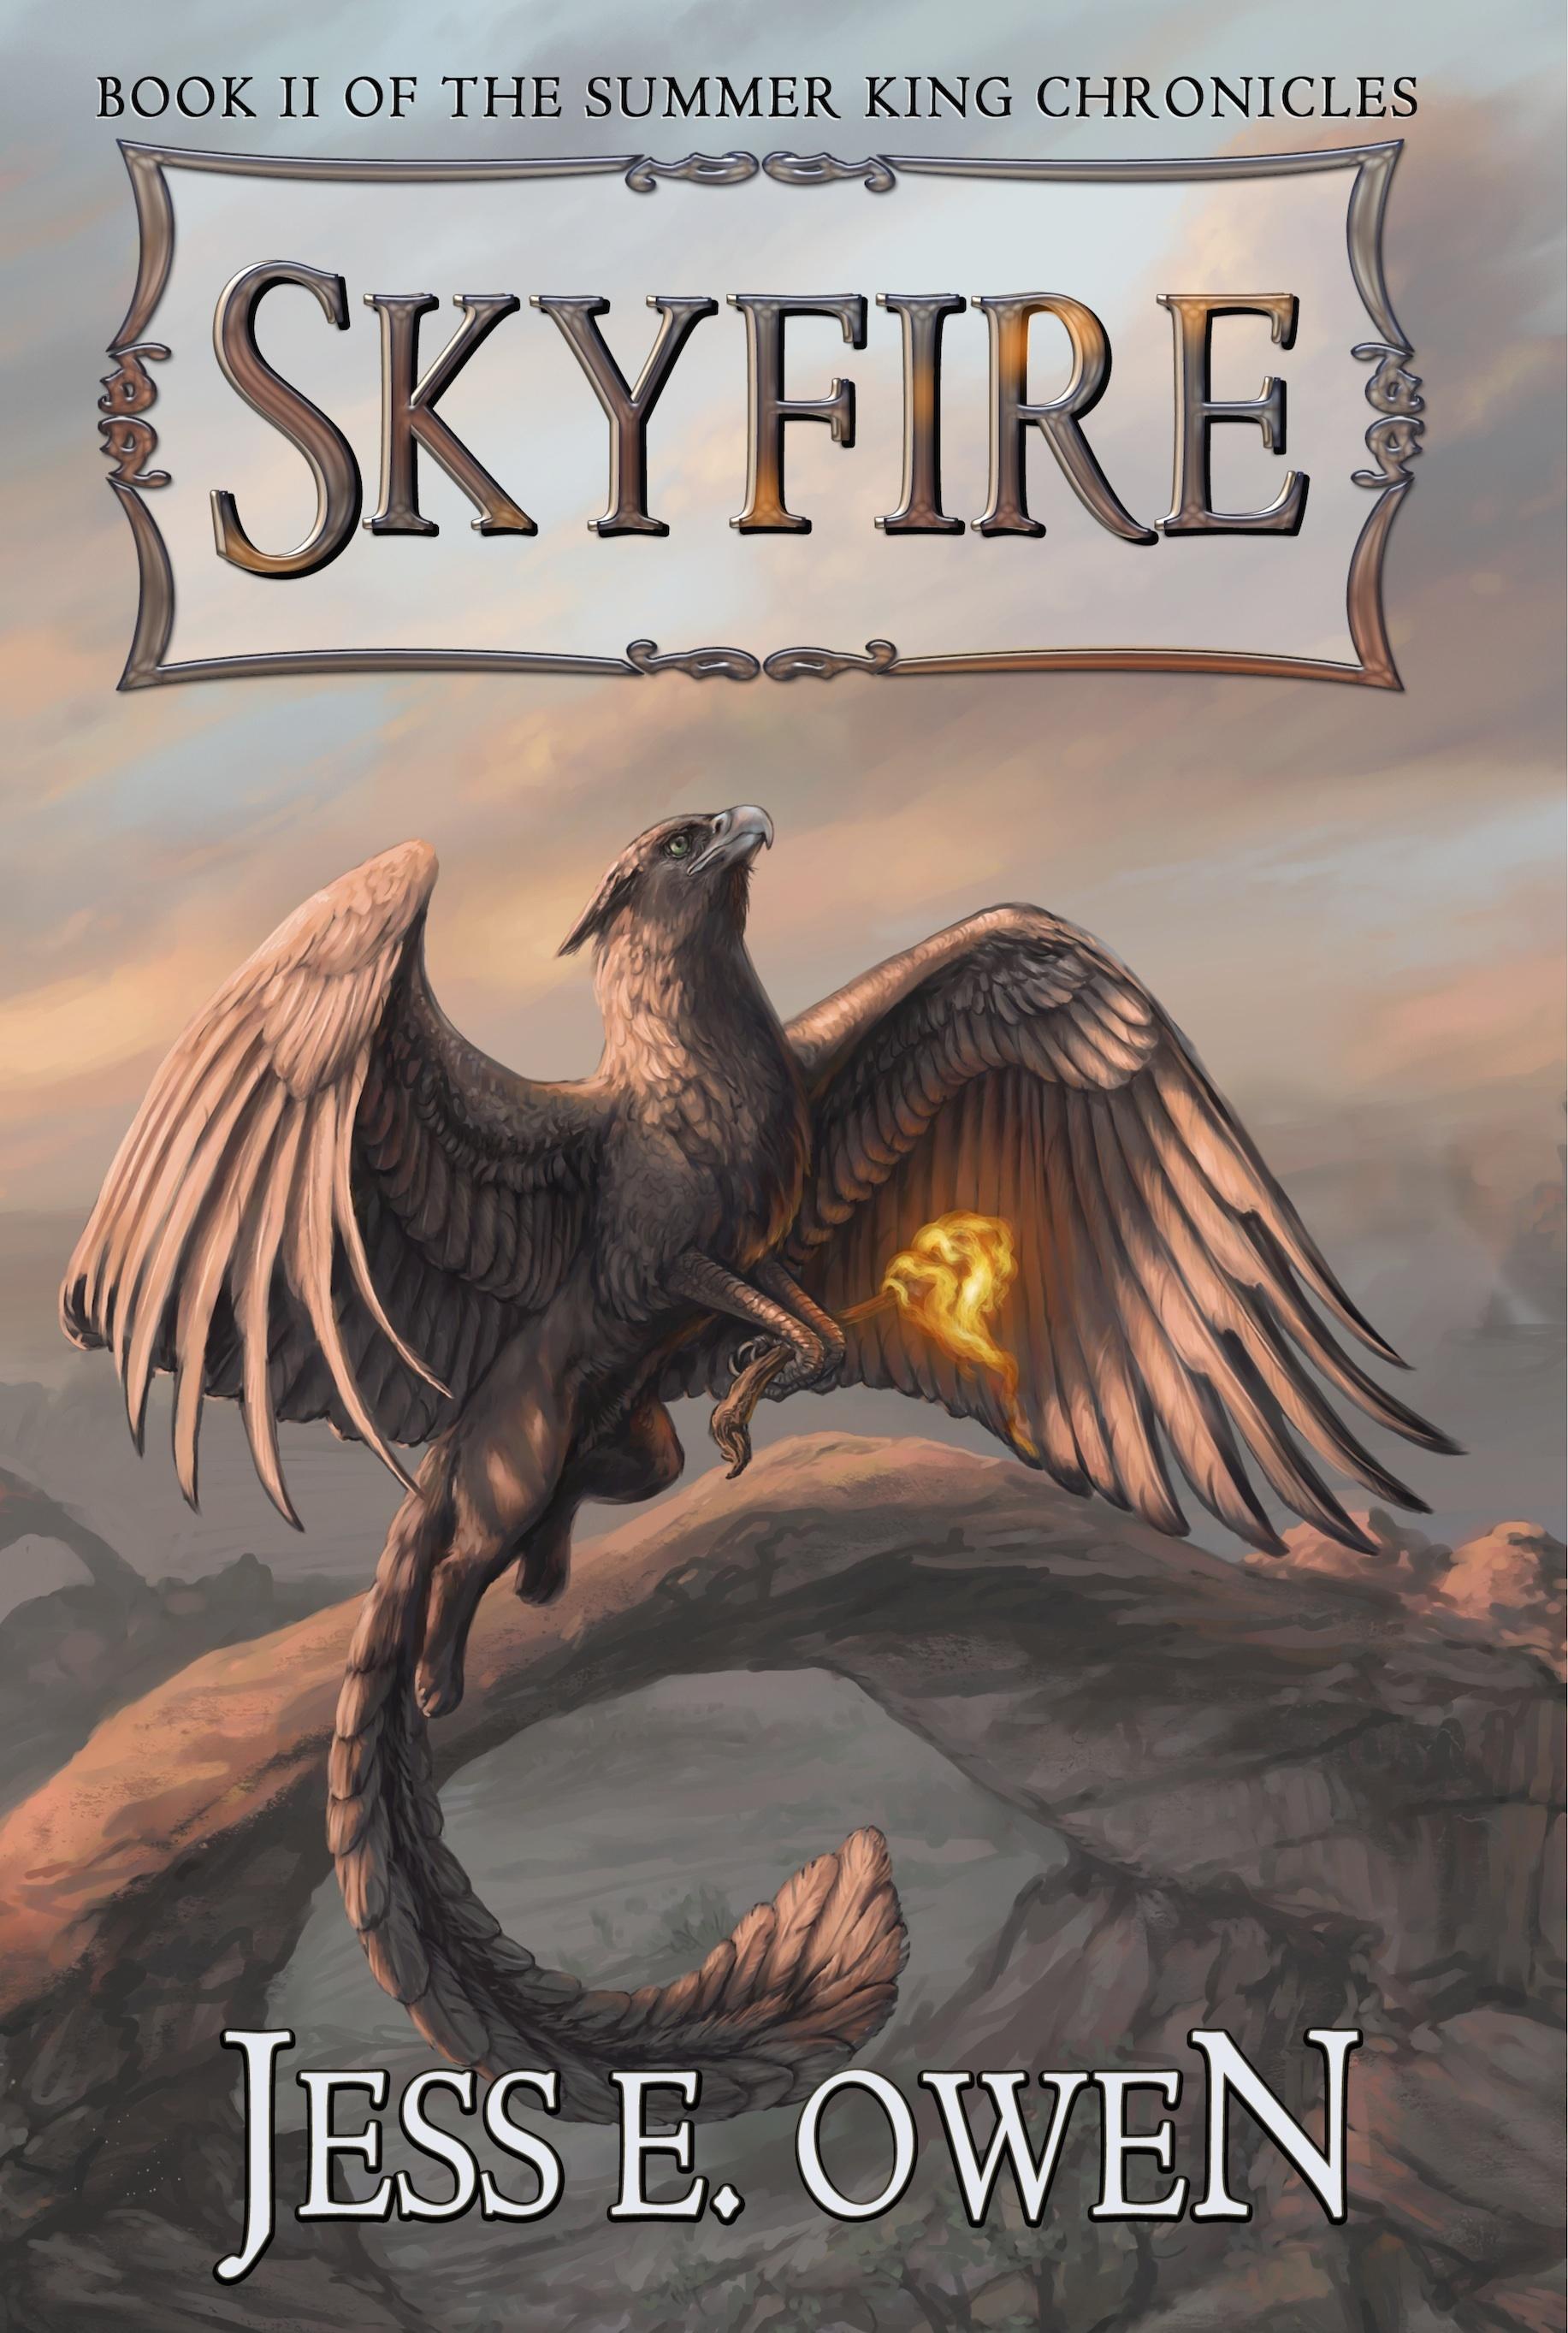 Skyfire-front-2014.jpg